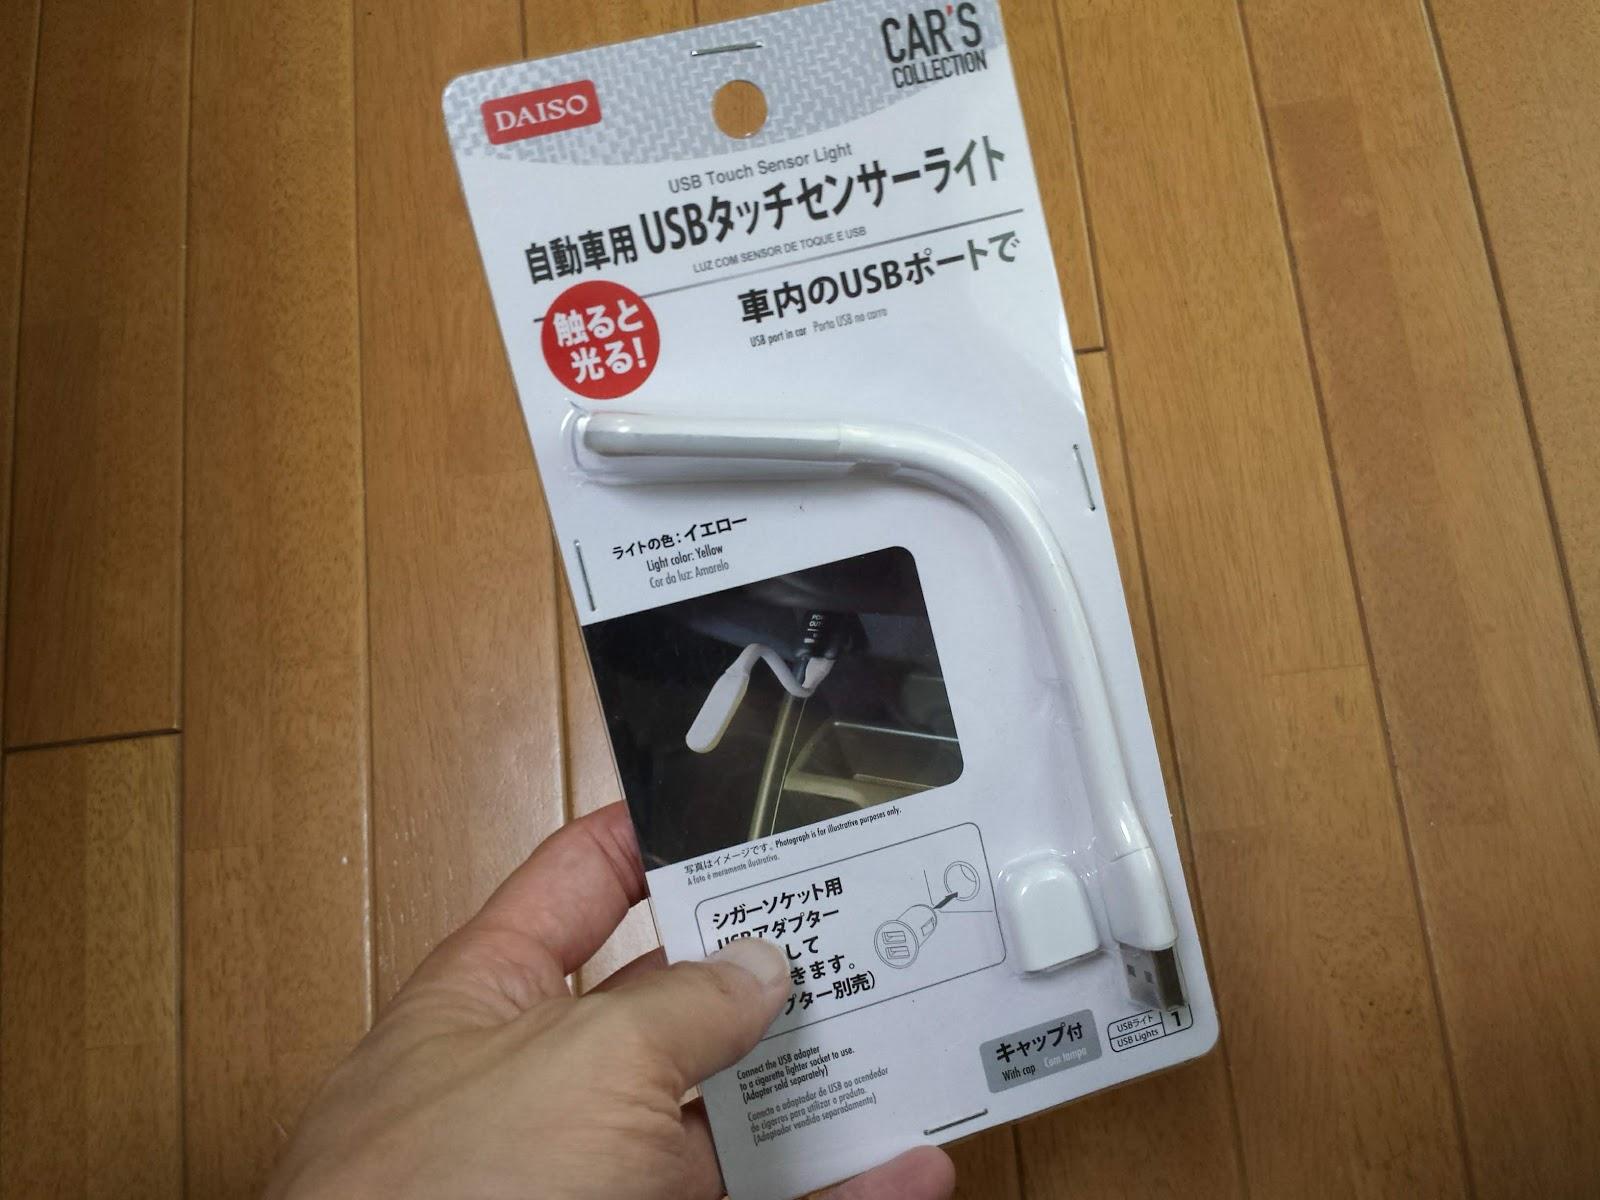 ダイソー USBタッチセンサーライト